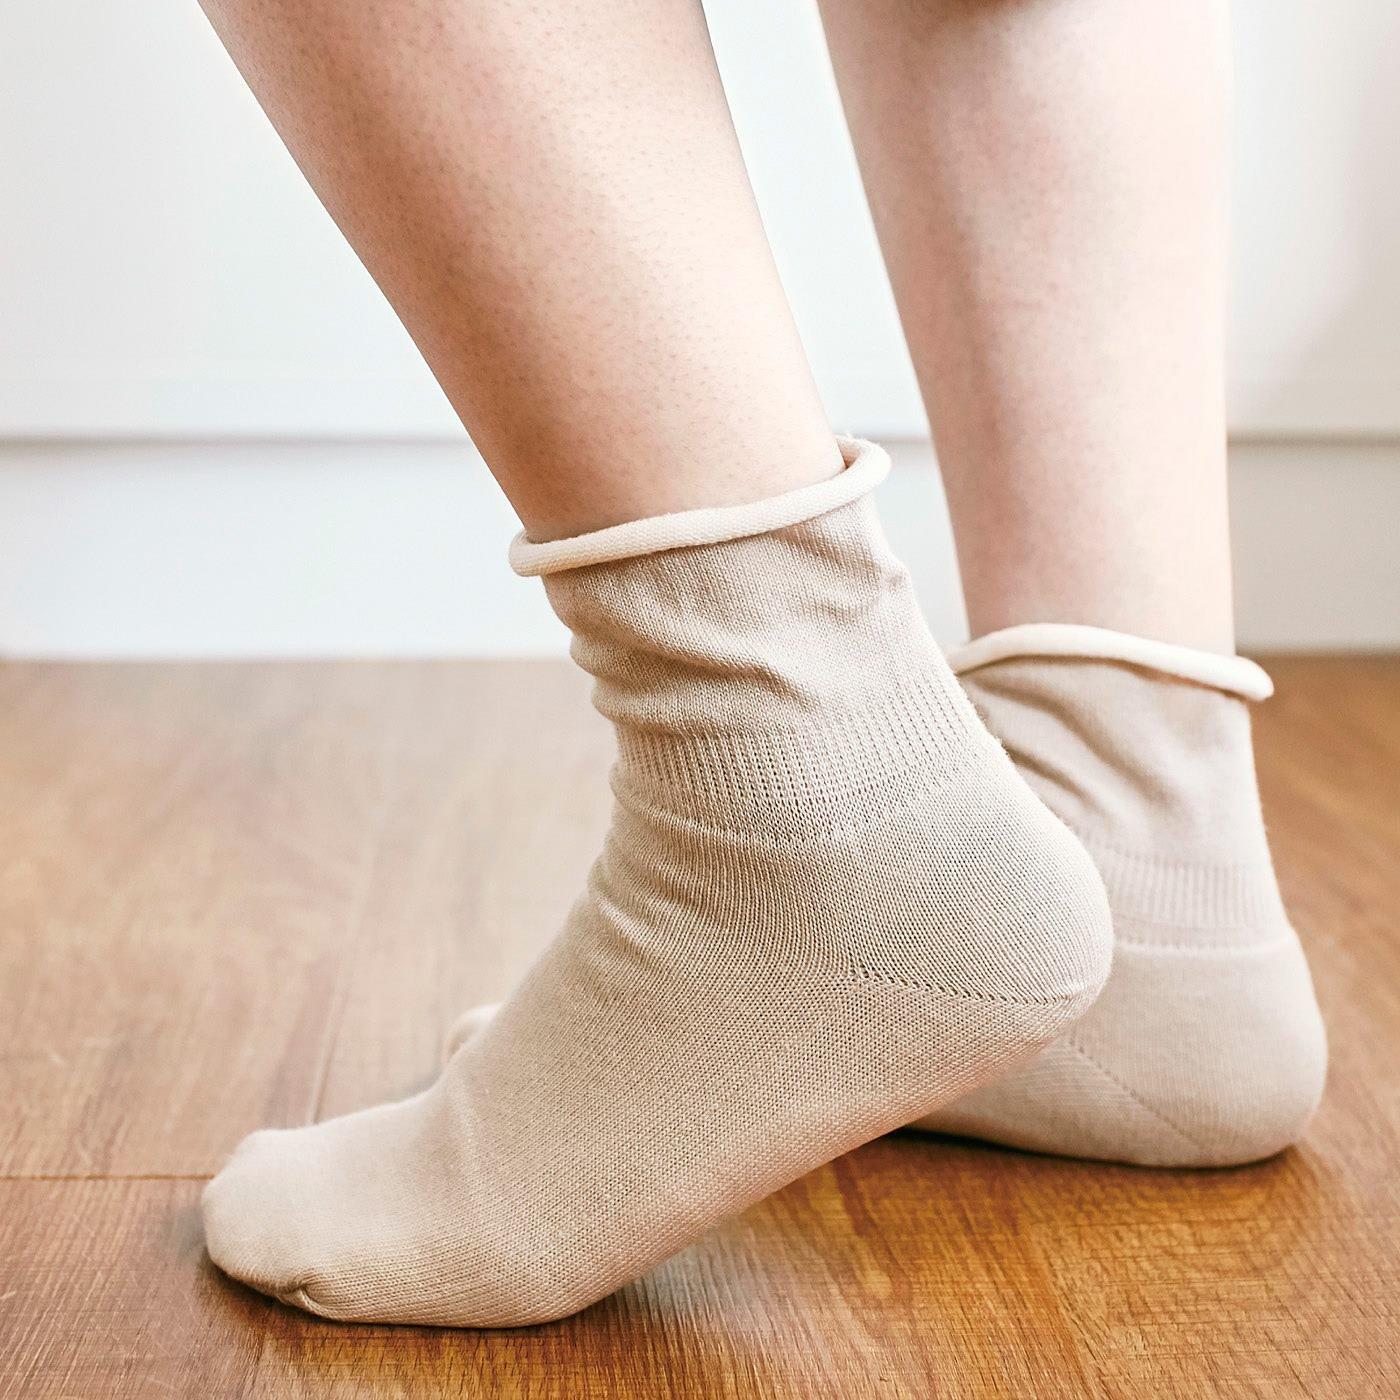 チャレンジド・クリエイティブ・プロジェクト シルク真綿でふんわりあったか まわたんぽ(R)靴下の会